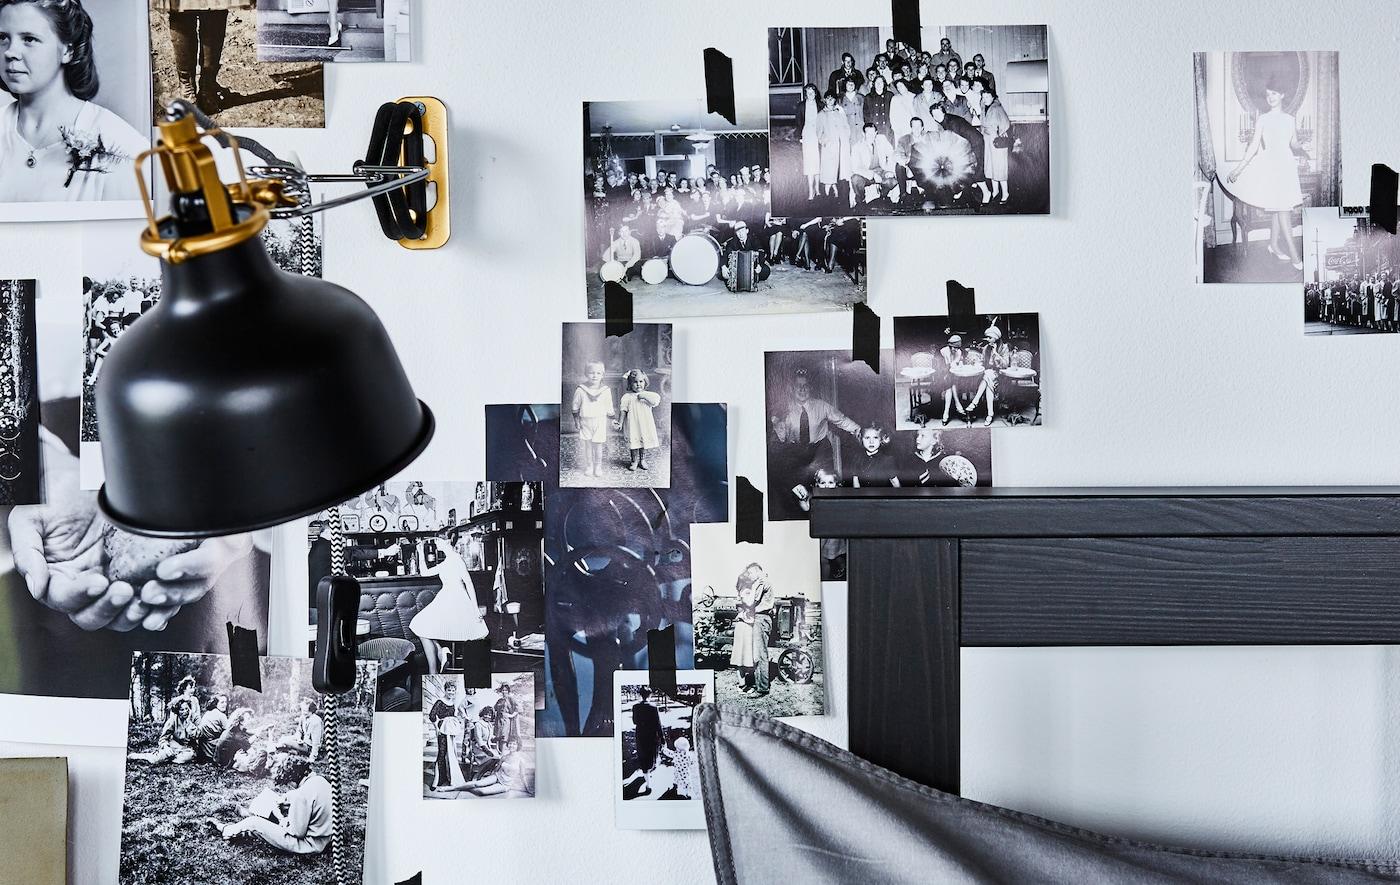 هل تبحث عن أفكار لغرفة النوم الصغيرة؟ قم بتجميل هيكل سريرك بكولاج صور حائط. سلط بعض الضوء عليه باستخدام مصباح مثل المصباح الموجه الحائطي RANARP N من ايكيا باللون الأسود. يمكنك بسهولة توجيه الضوء إلى حيث تريد بفضل رأس المصباح القابل للتعديل.